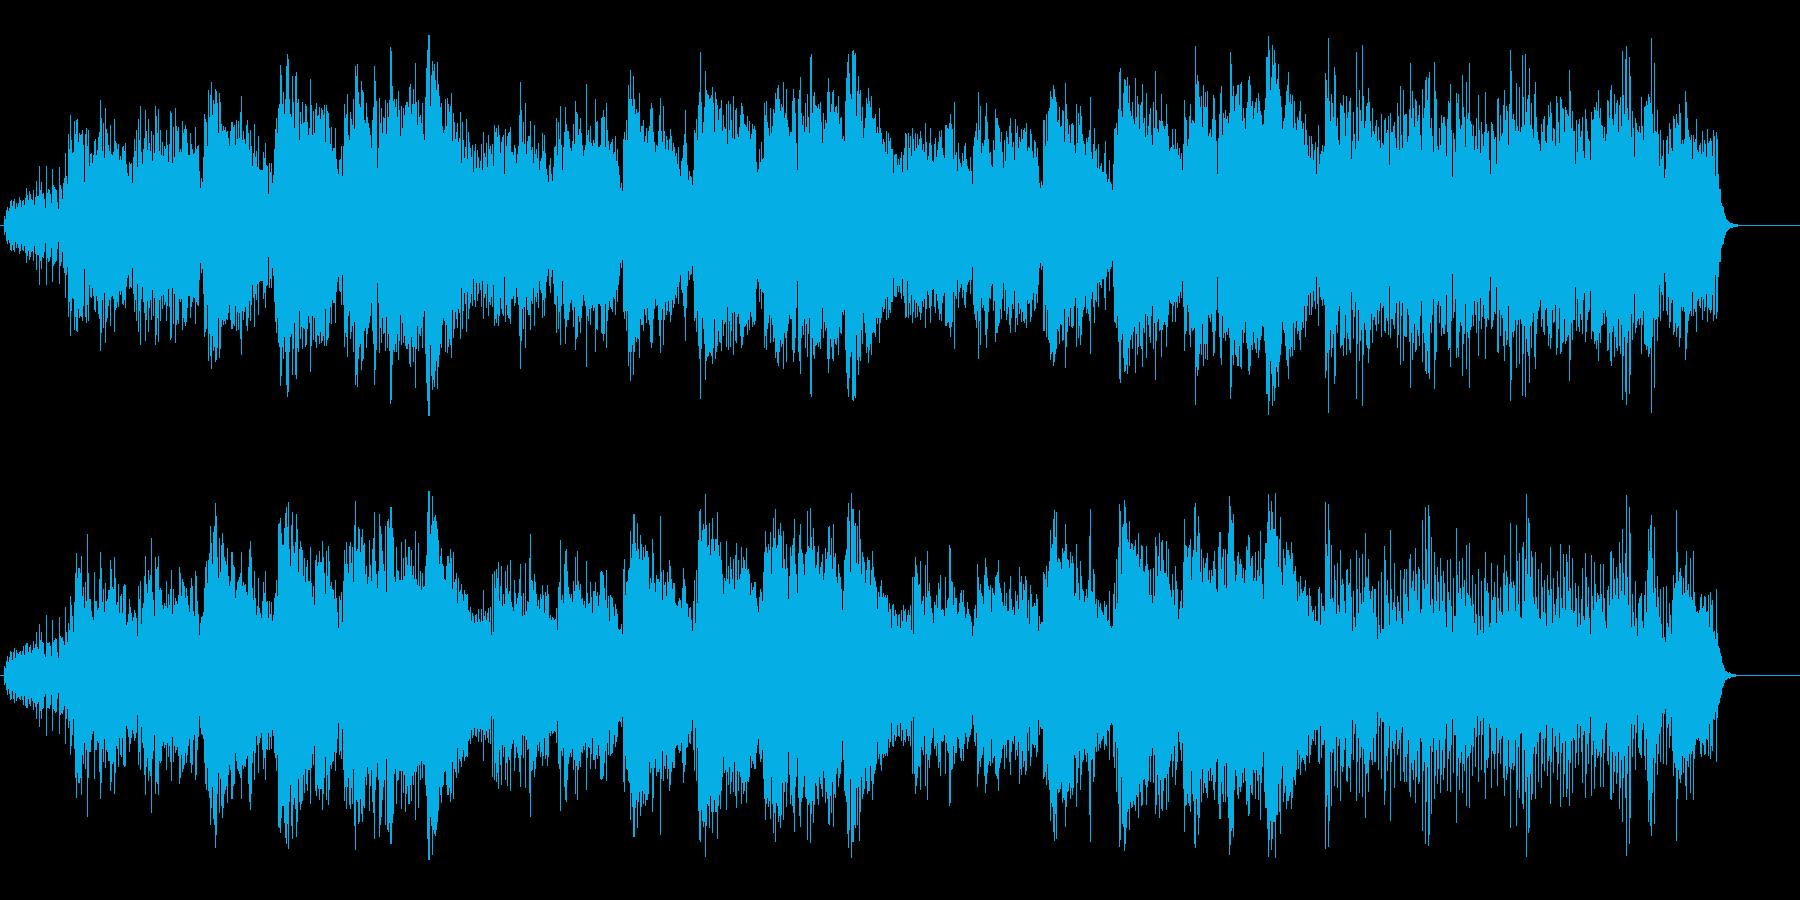 フルート&尺八&琴のフュージョンサウンドの再生済みの波形